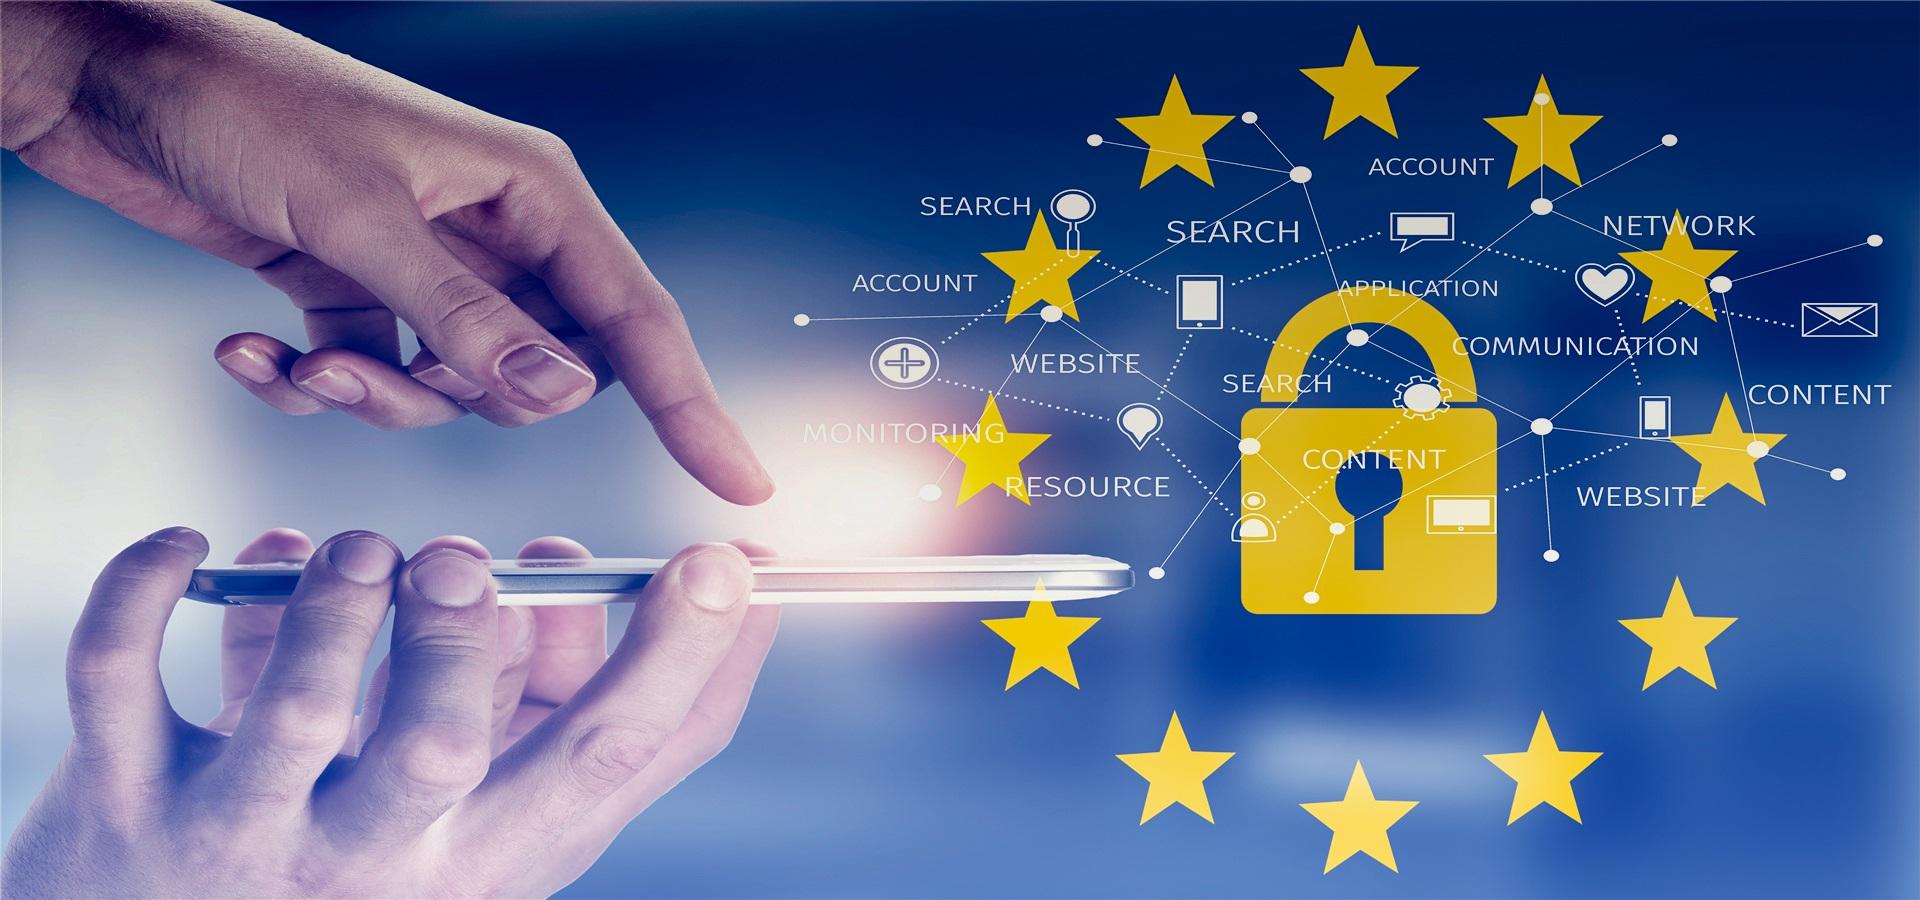 Multe per violazione privacy: in un anno più che raddoppiate. Raggiunta quota 8 milioni di euro.